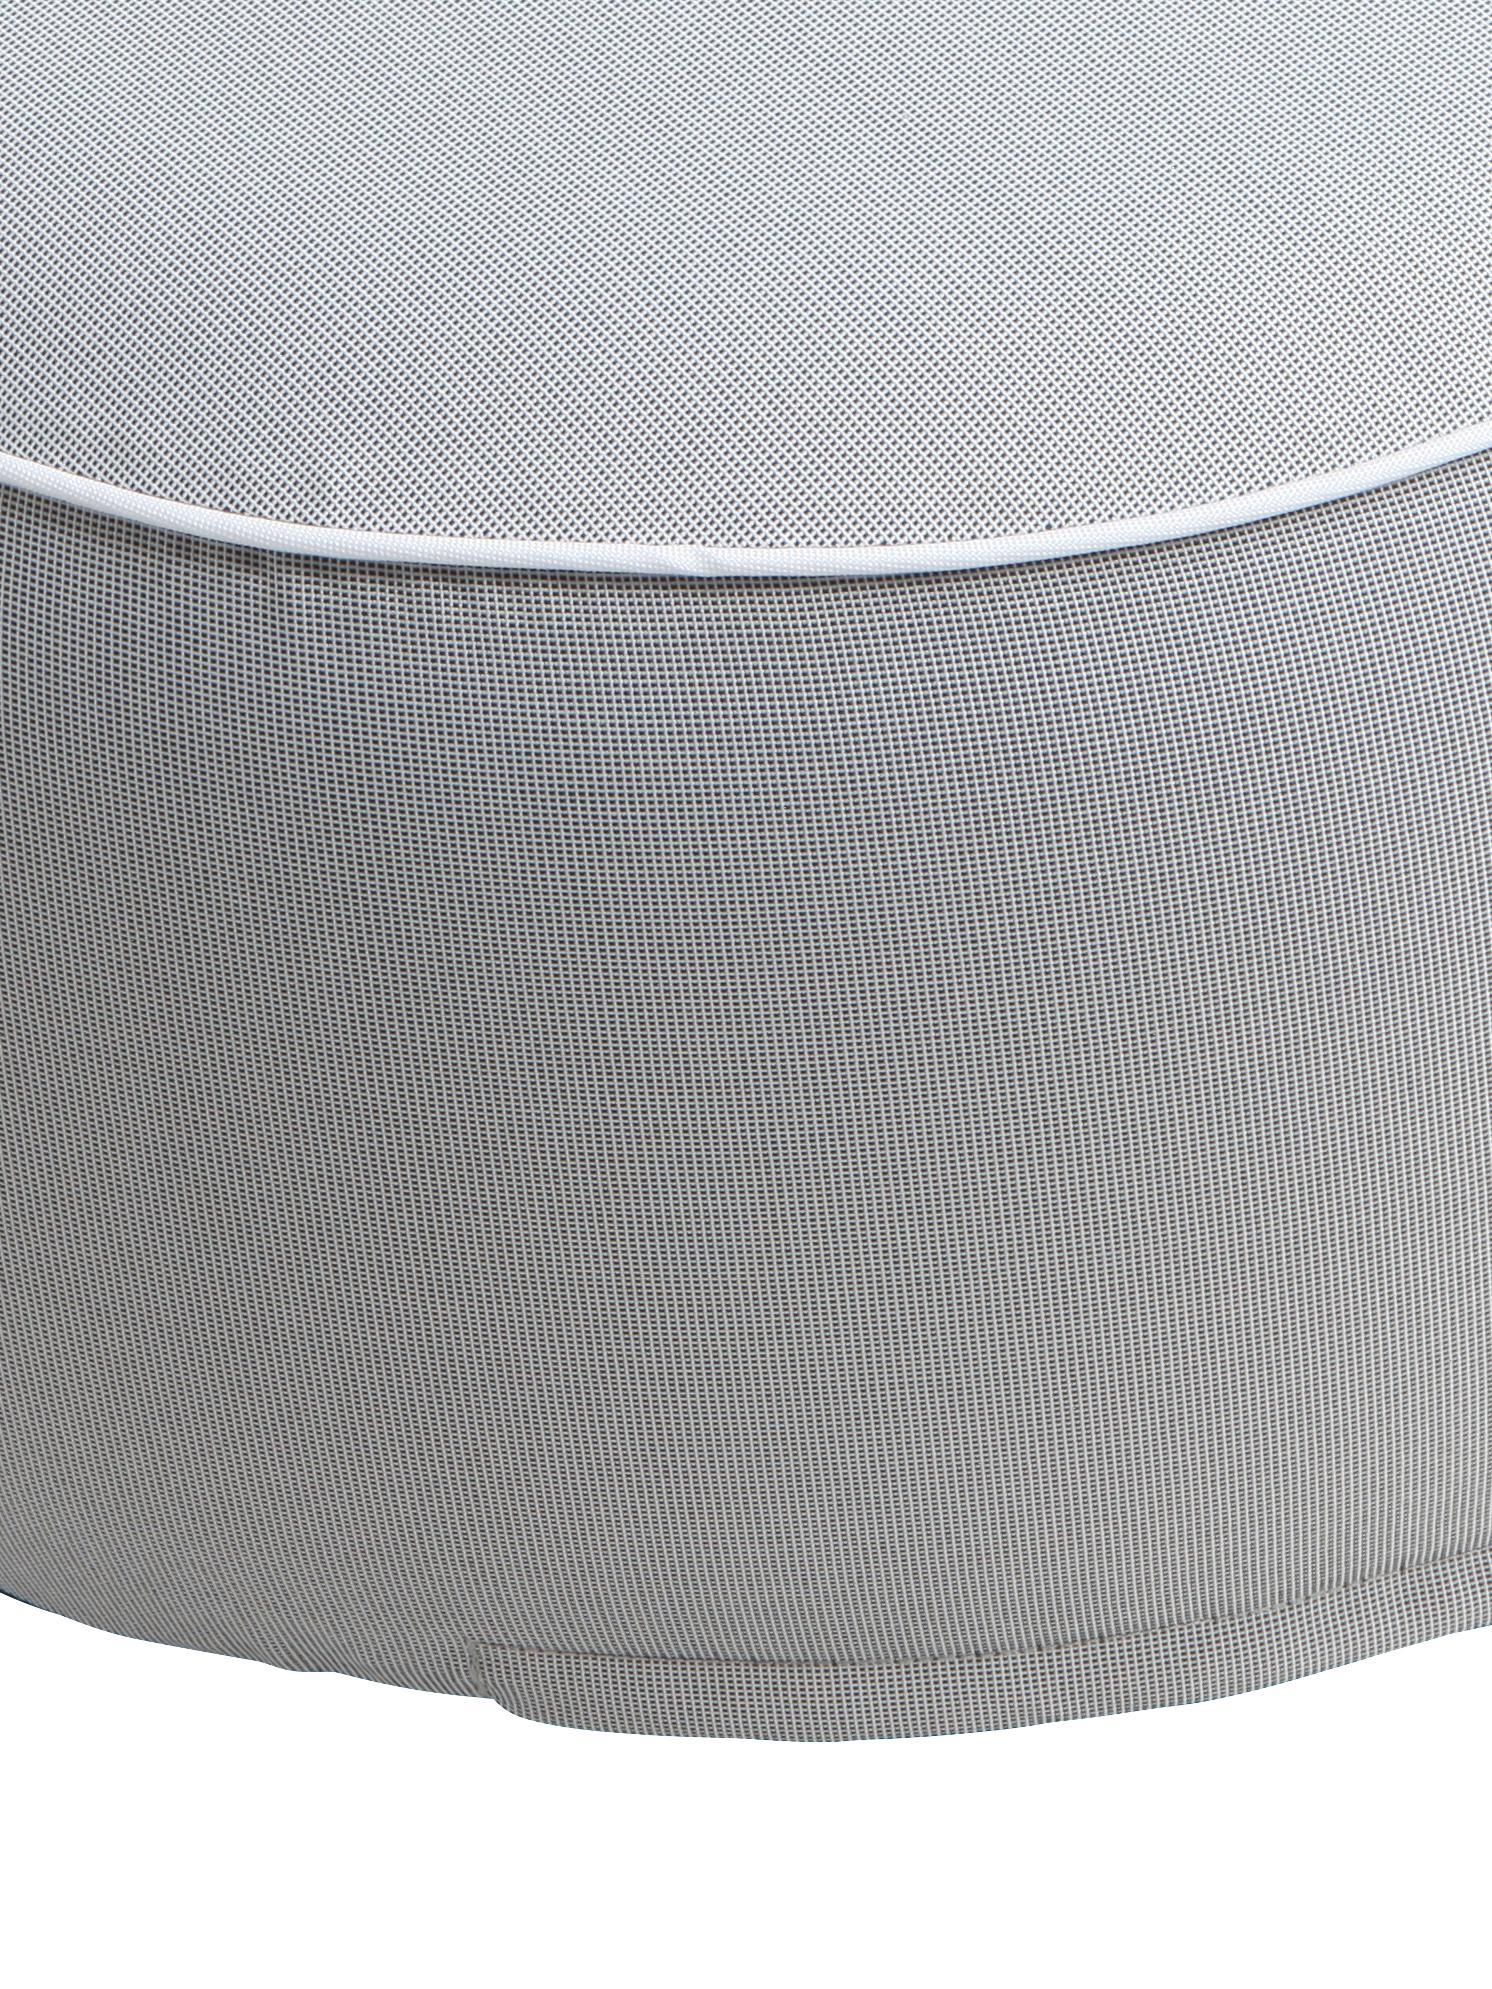 Aufblasbarer Pouf Maxime, Bezug: Polyester, UV-beständig, Hellgrau, Schwarz, Ø 55 x H 25 cm